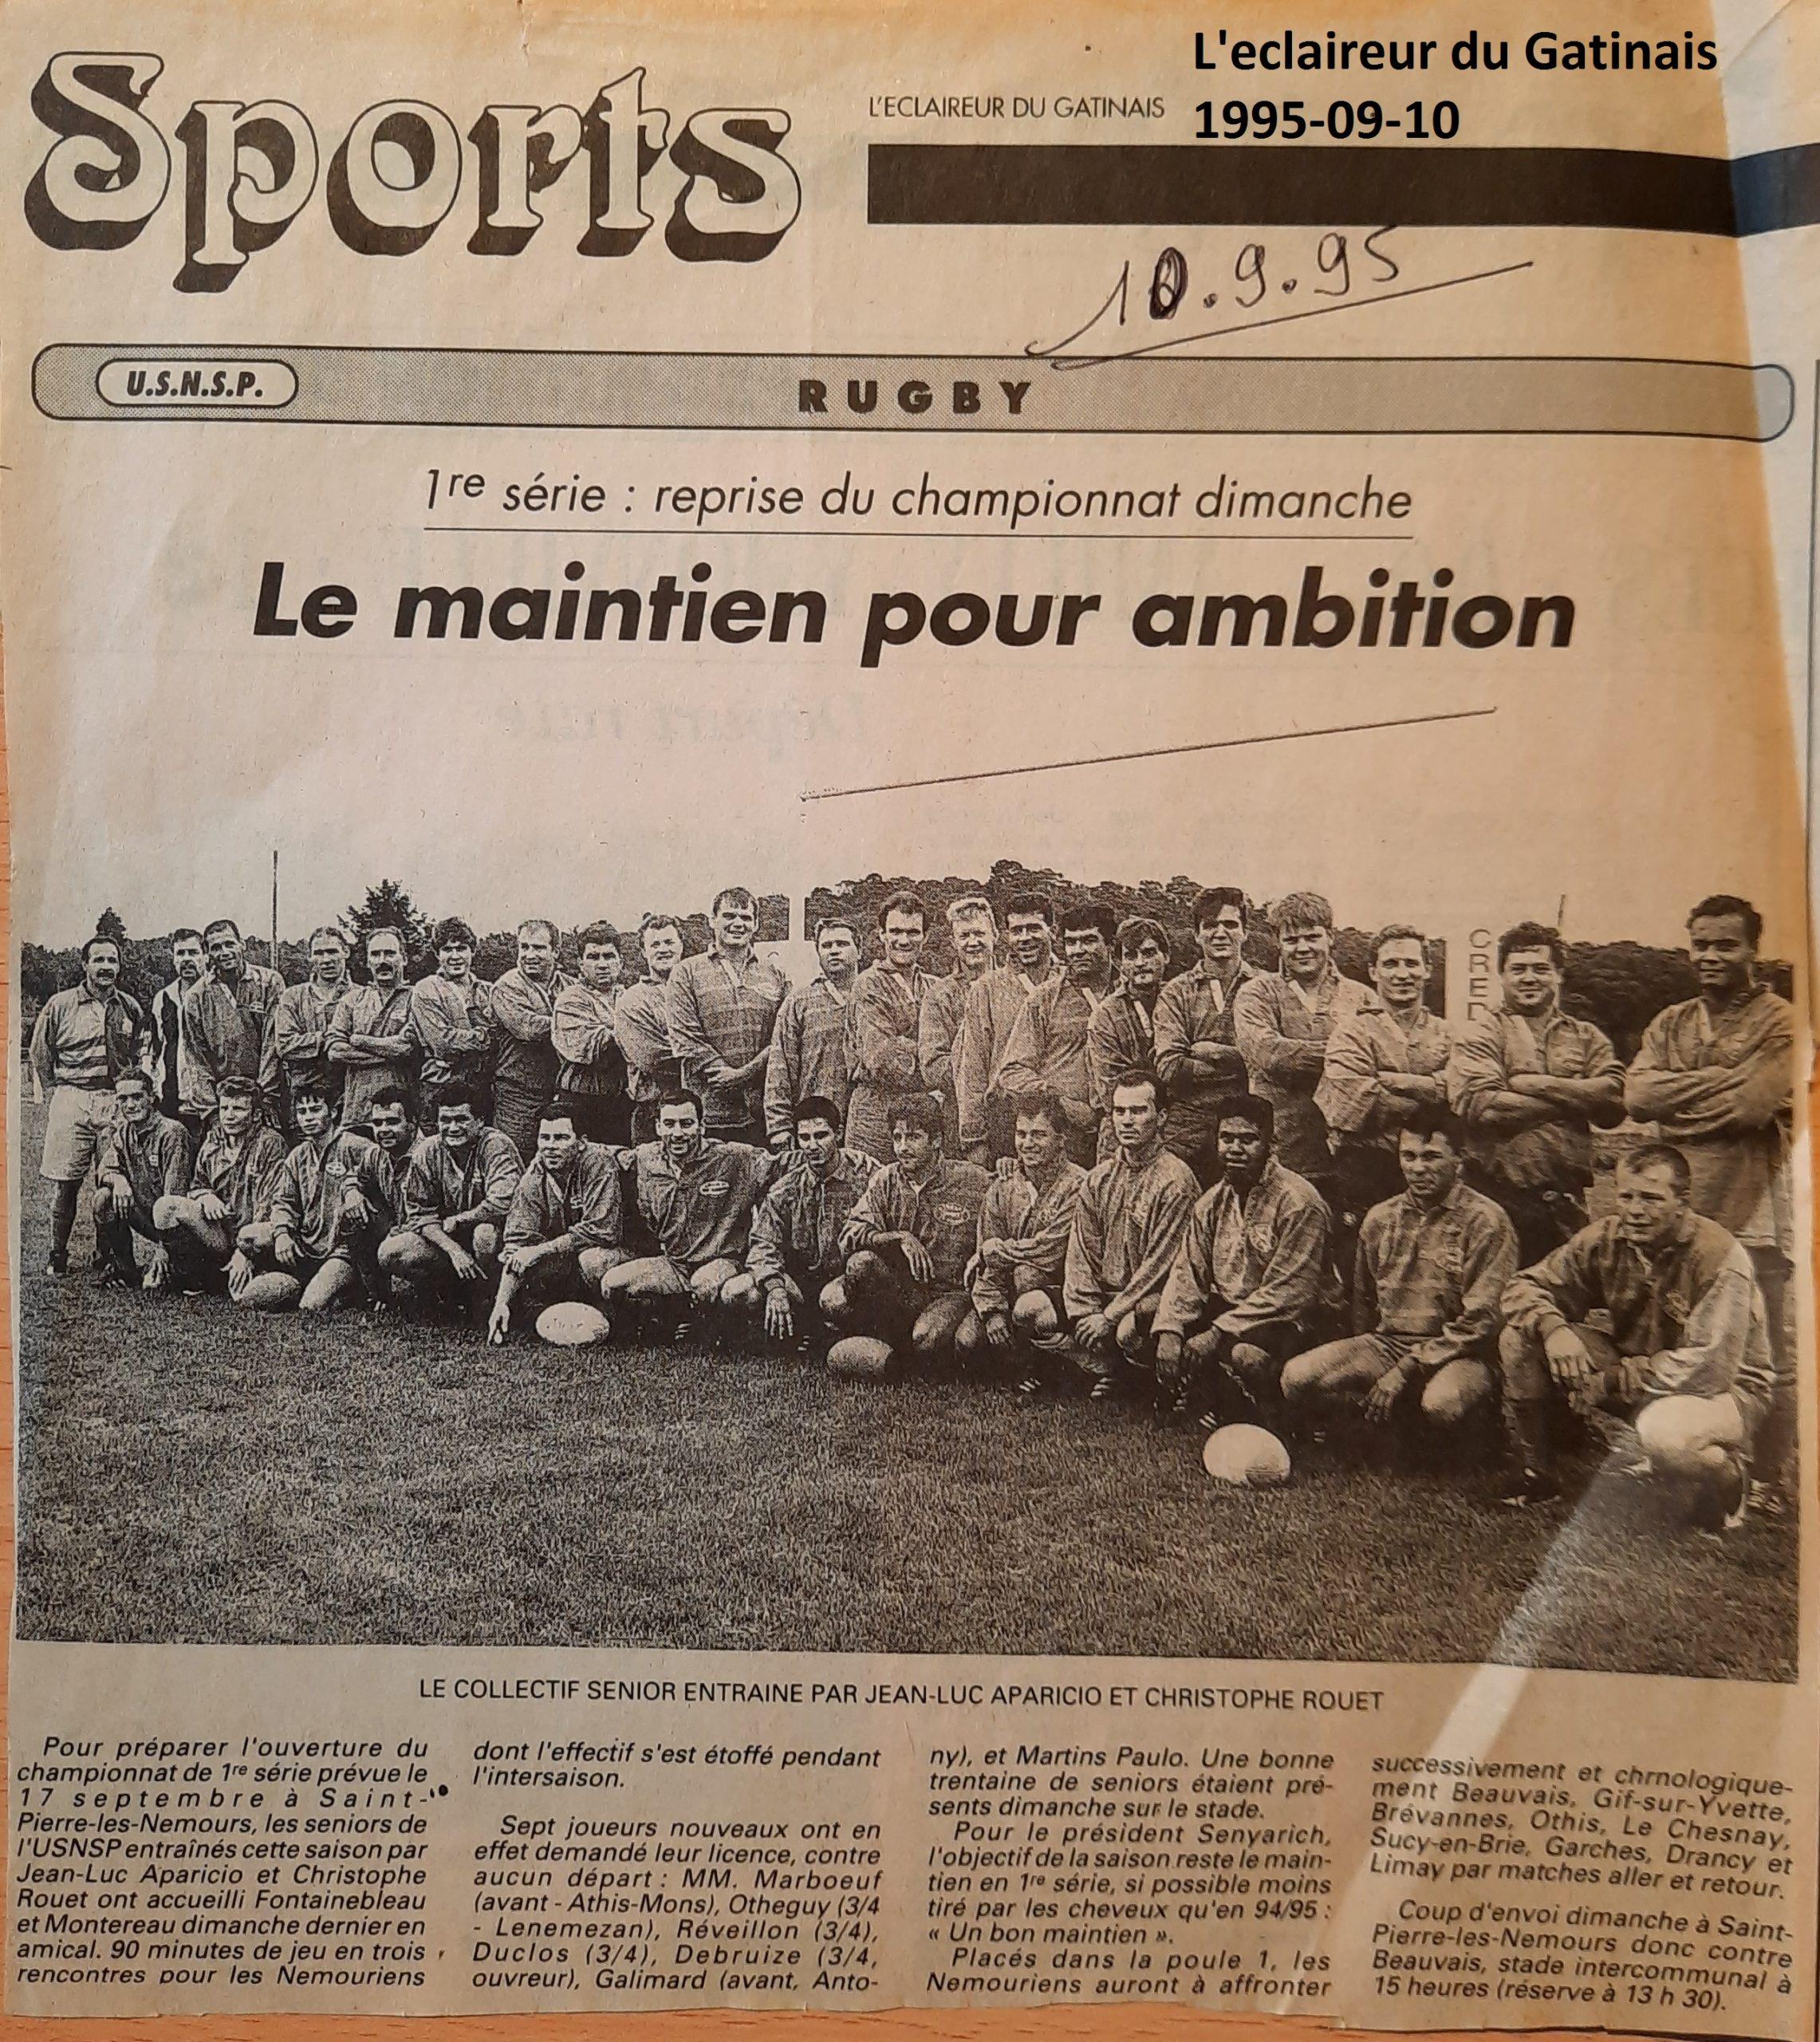 Eclaireur du Gâtinais 1995-09-10